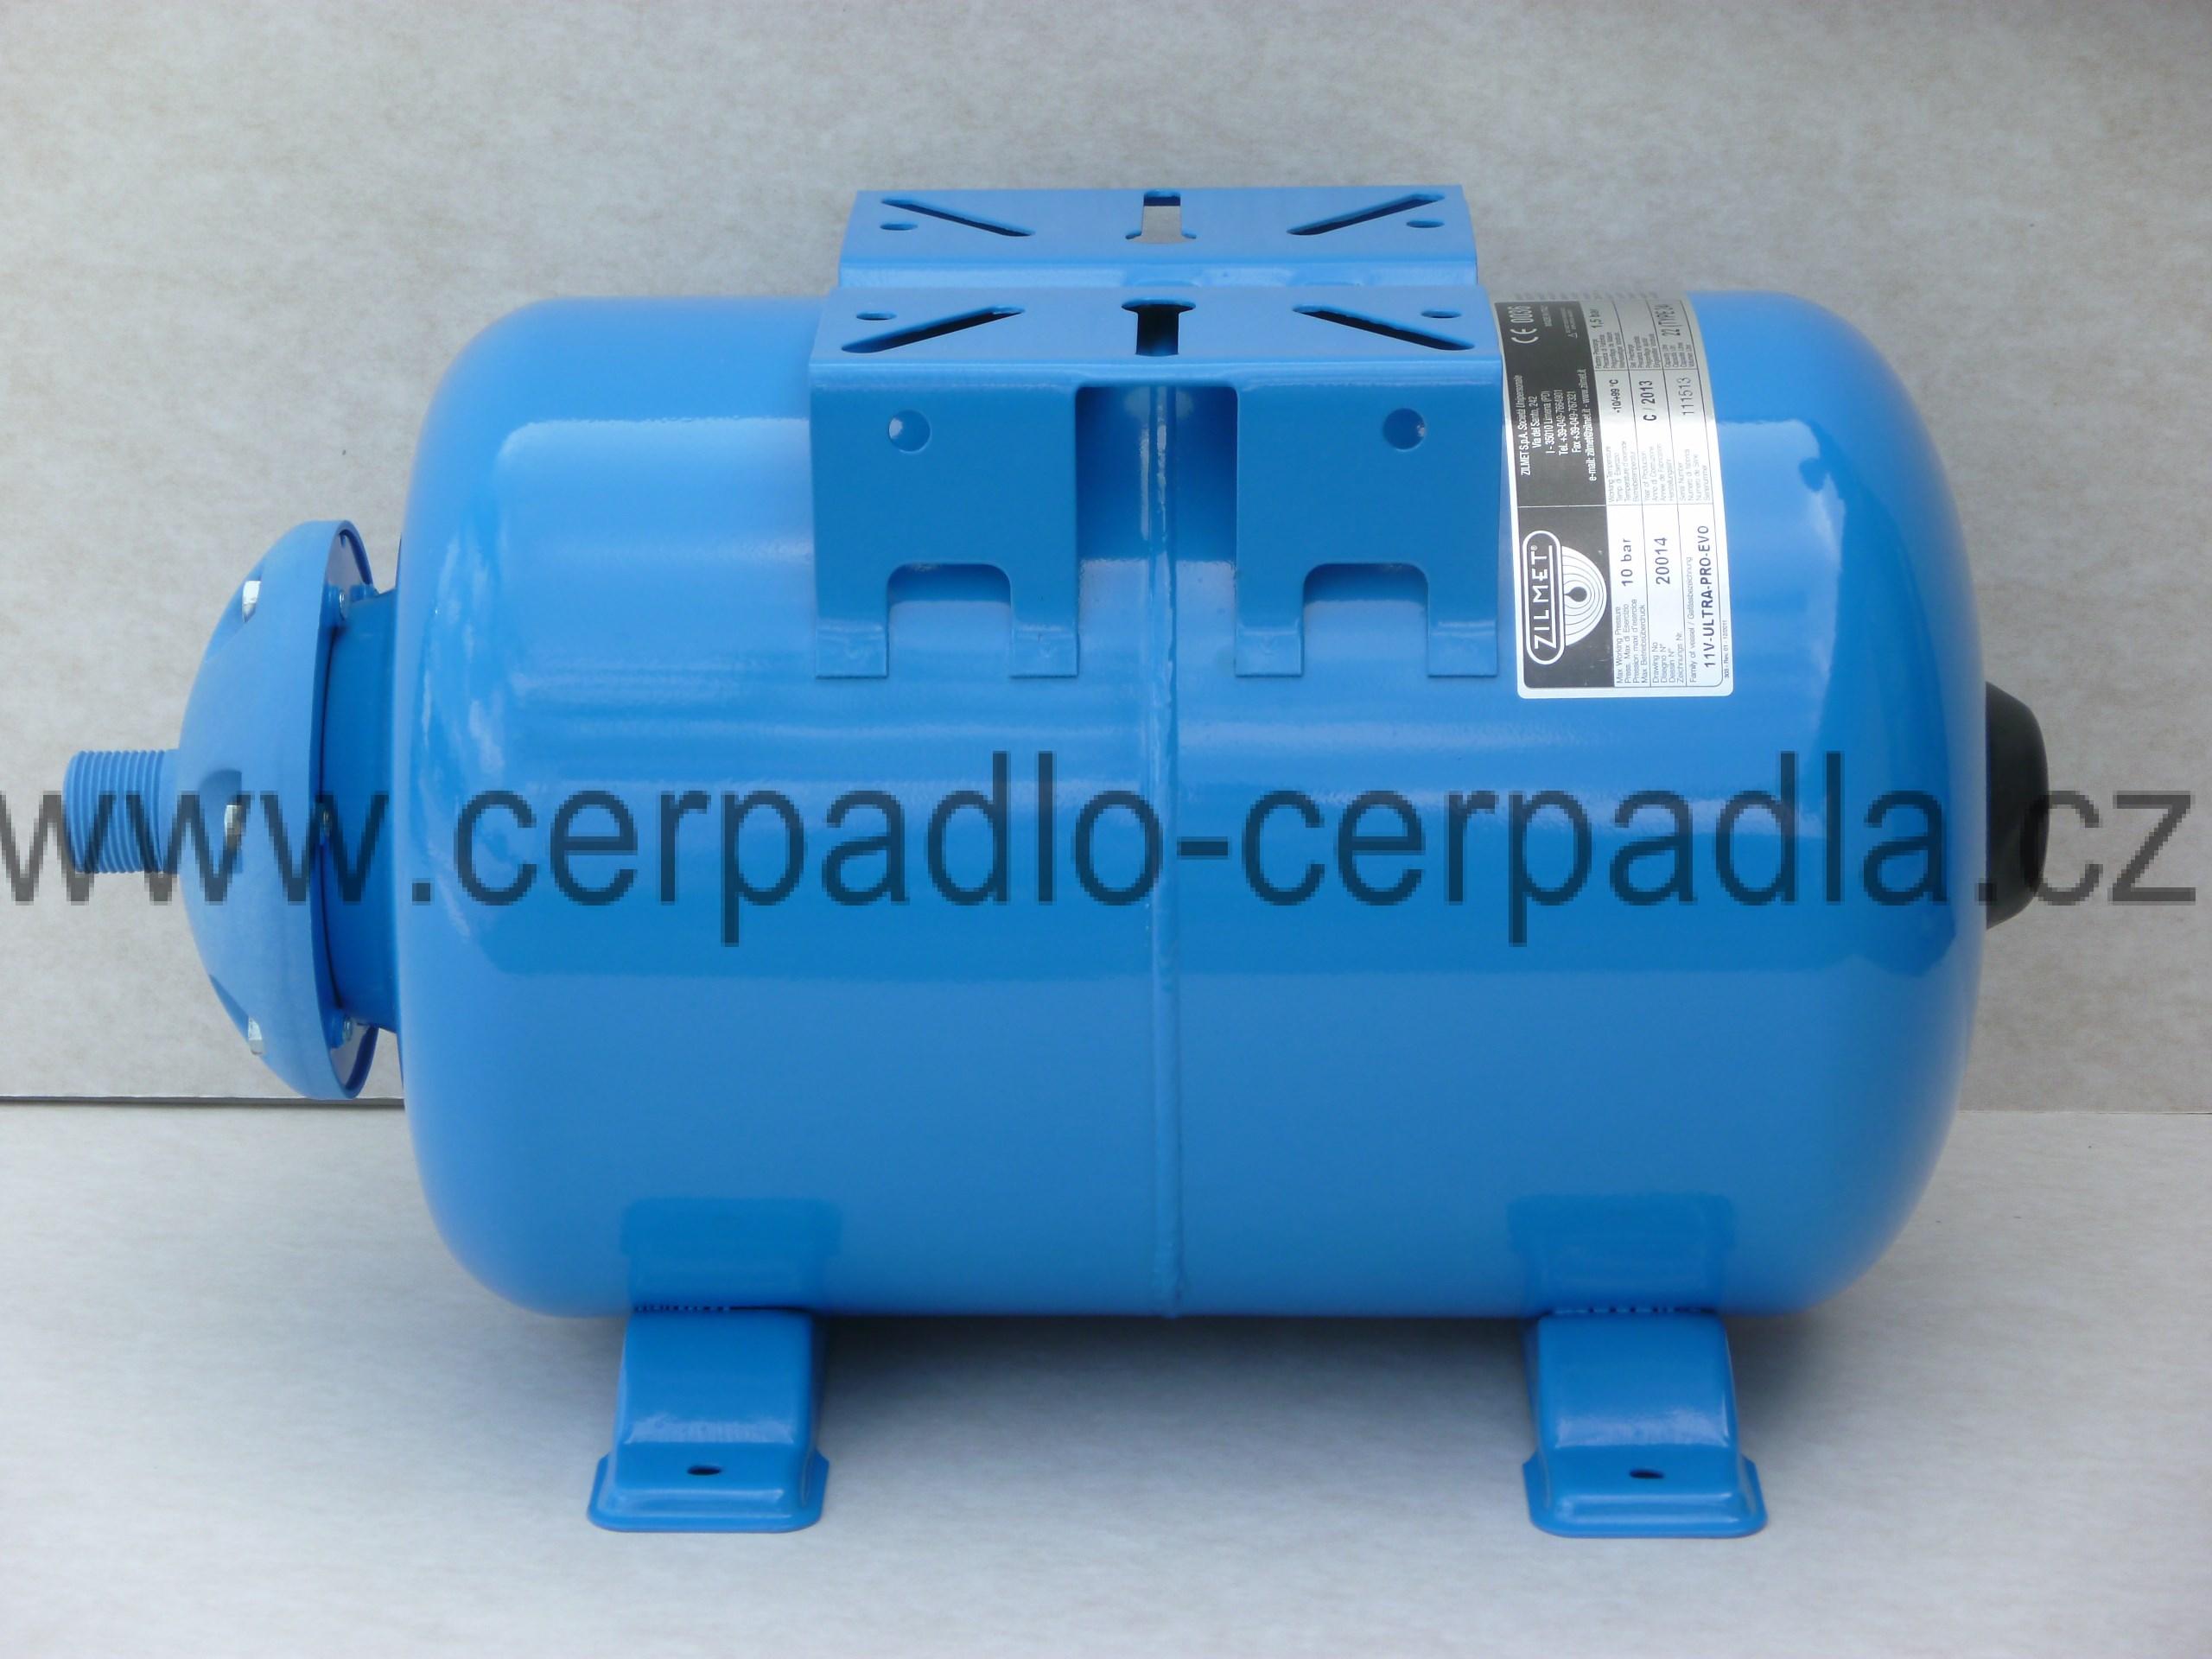 ZILMET ULTRA-PRO 24 (tlaková nádoba, horizontální s vakem, tlakové nádoby ZILMET, nádrž pro domácí vodárny)